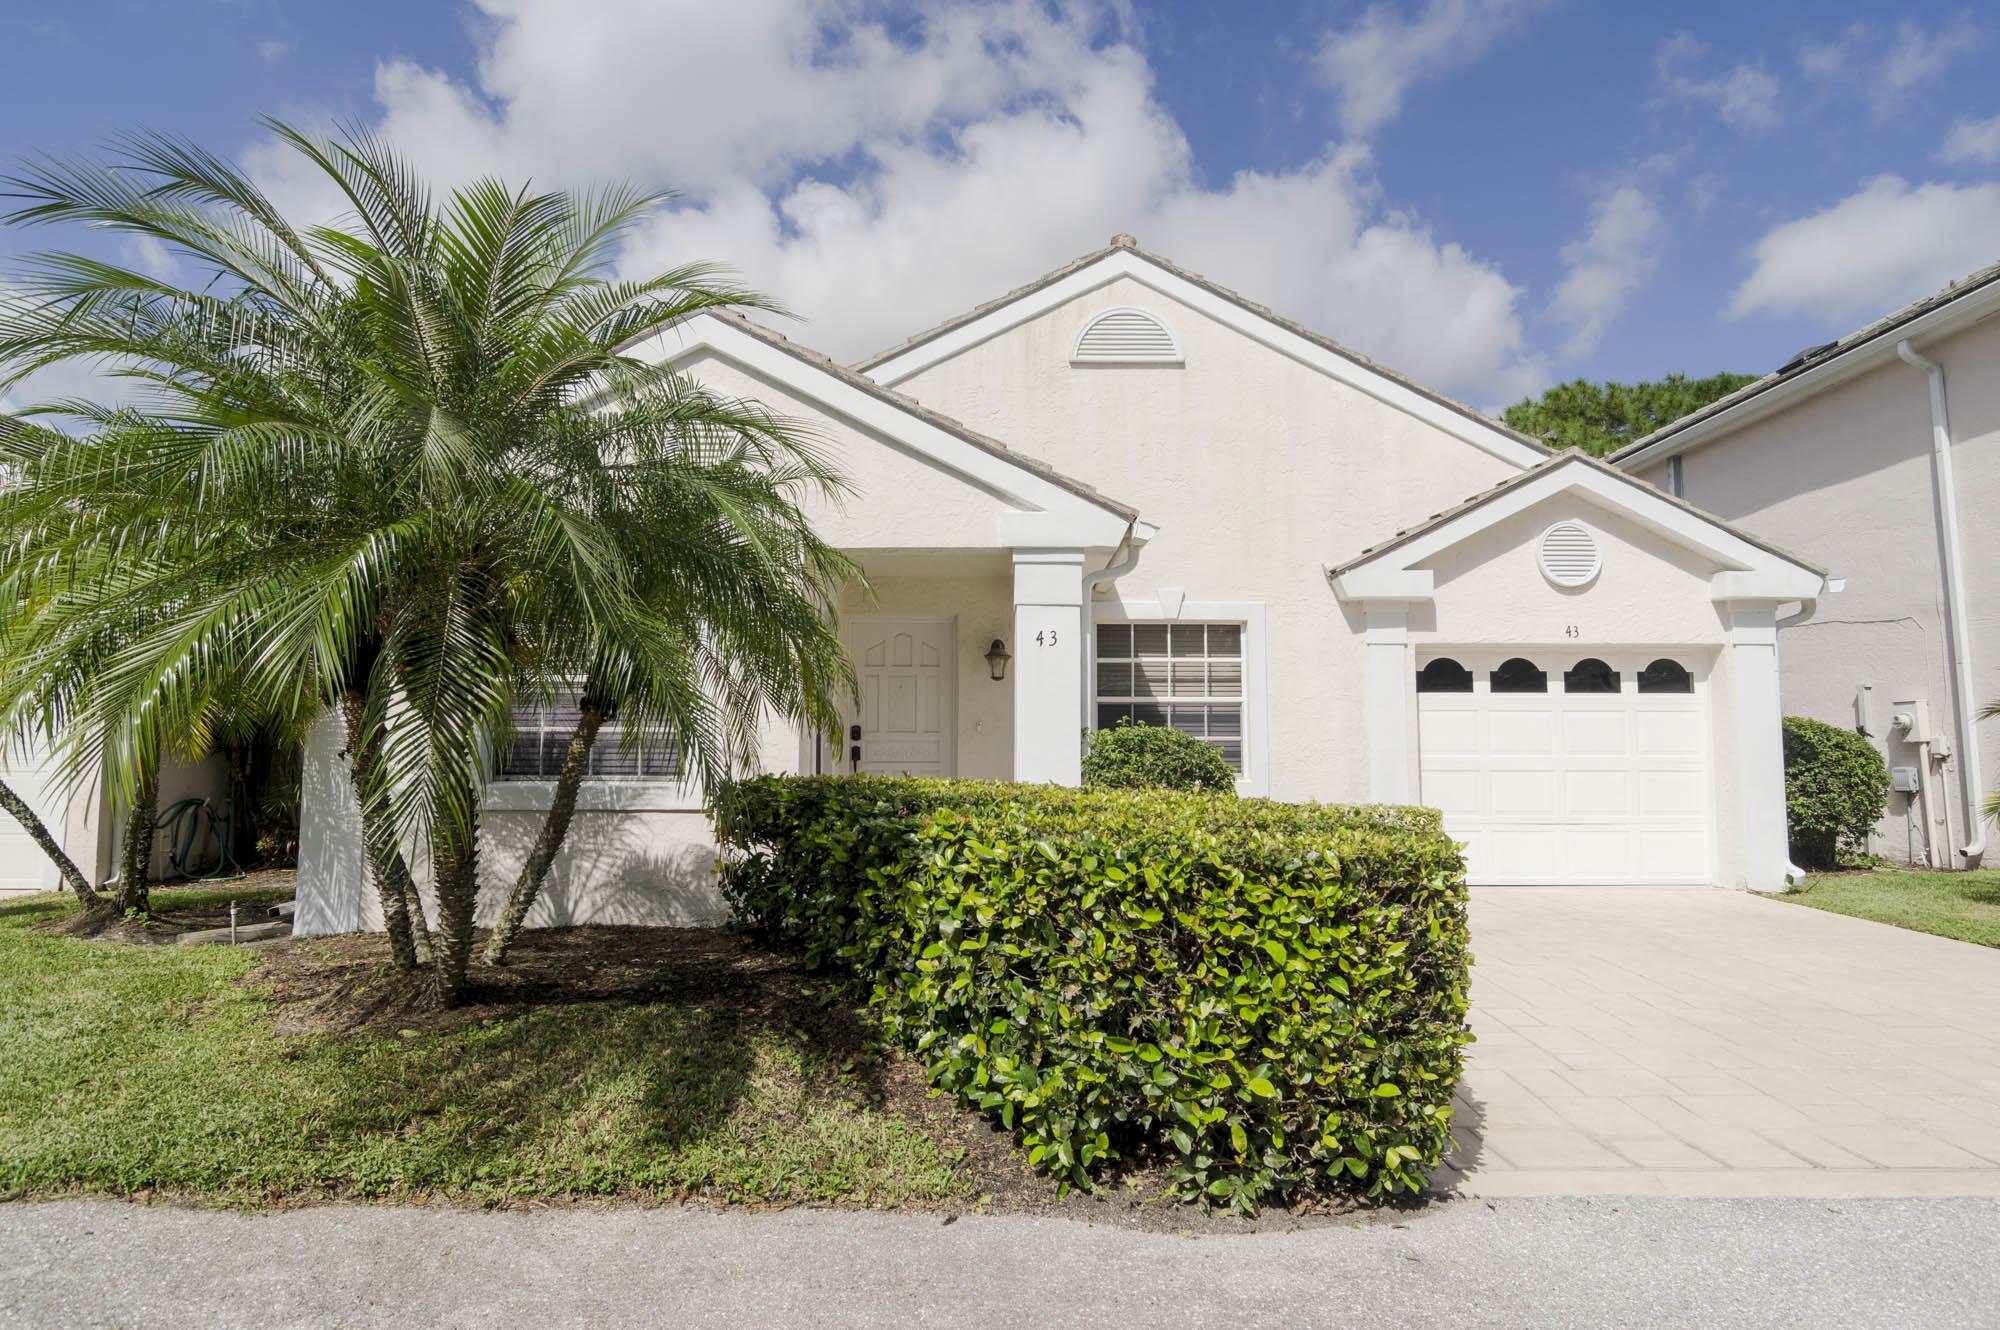 43 Admirals Court Palm Beach Gardens, FL 33418